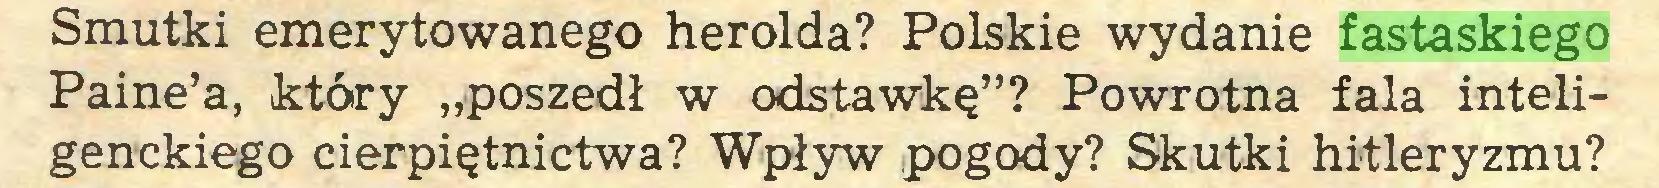 """(...) Smutki emerytowanego herolda? Polskie wydanie fastaskiego Paine'a, który """"poszedł w odstawkę""""? Powrotna fala inteligenckiego cierpiętnictwa? Wpływ pogody? Skutki hitleryzmu?..."""